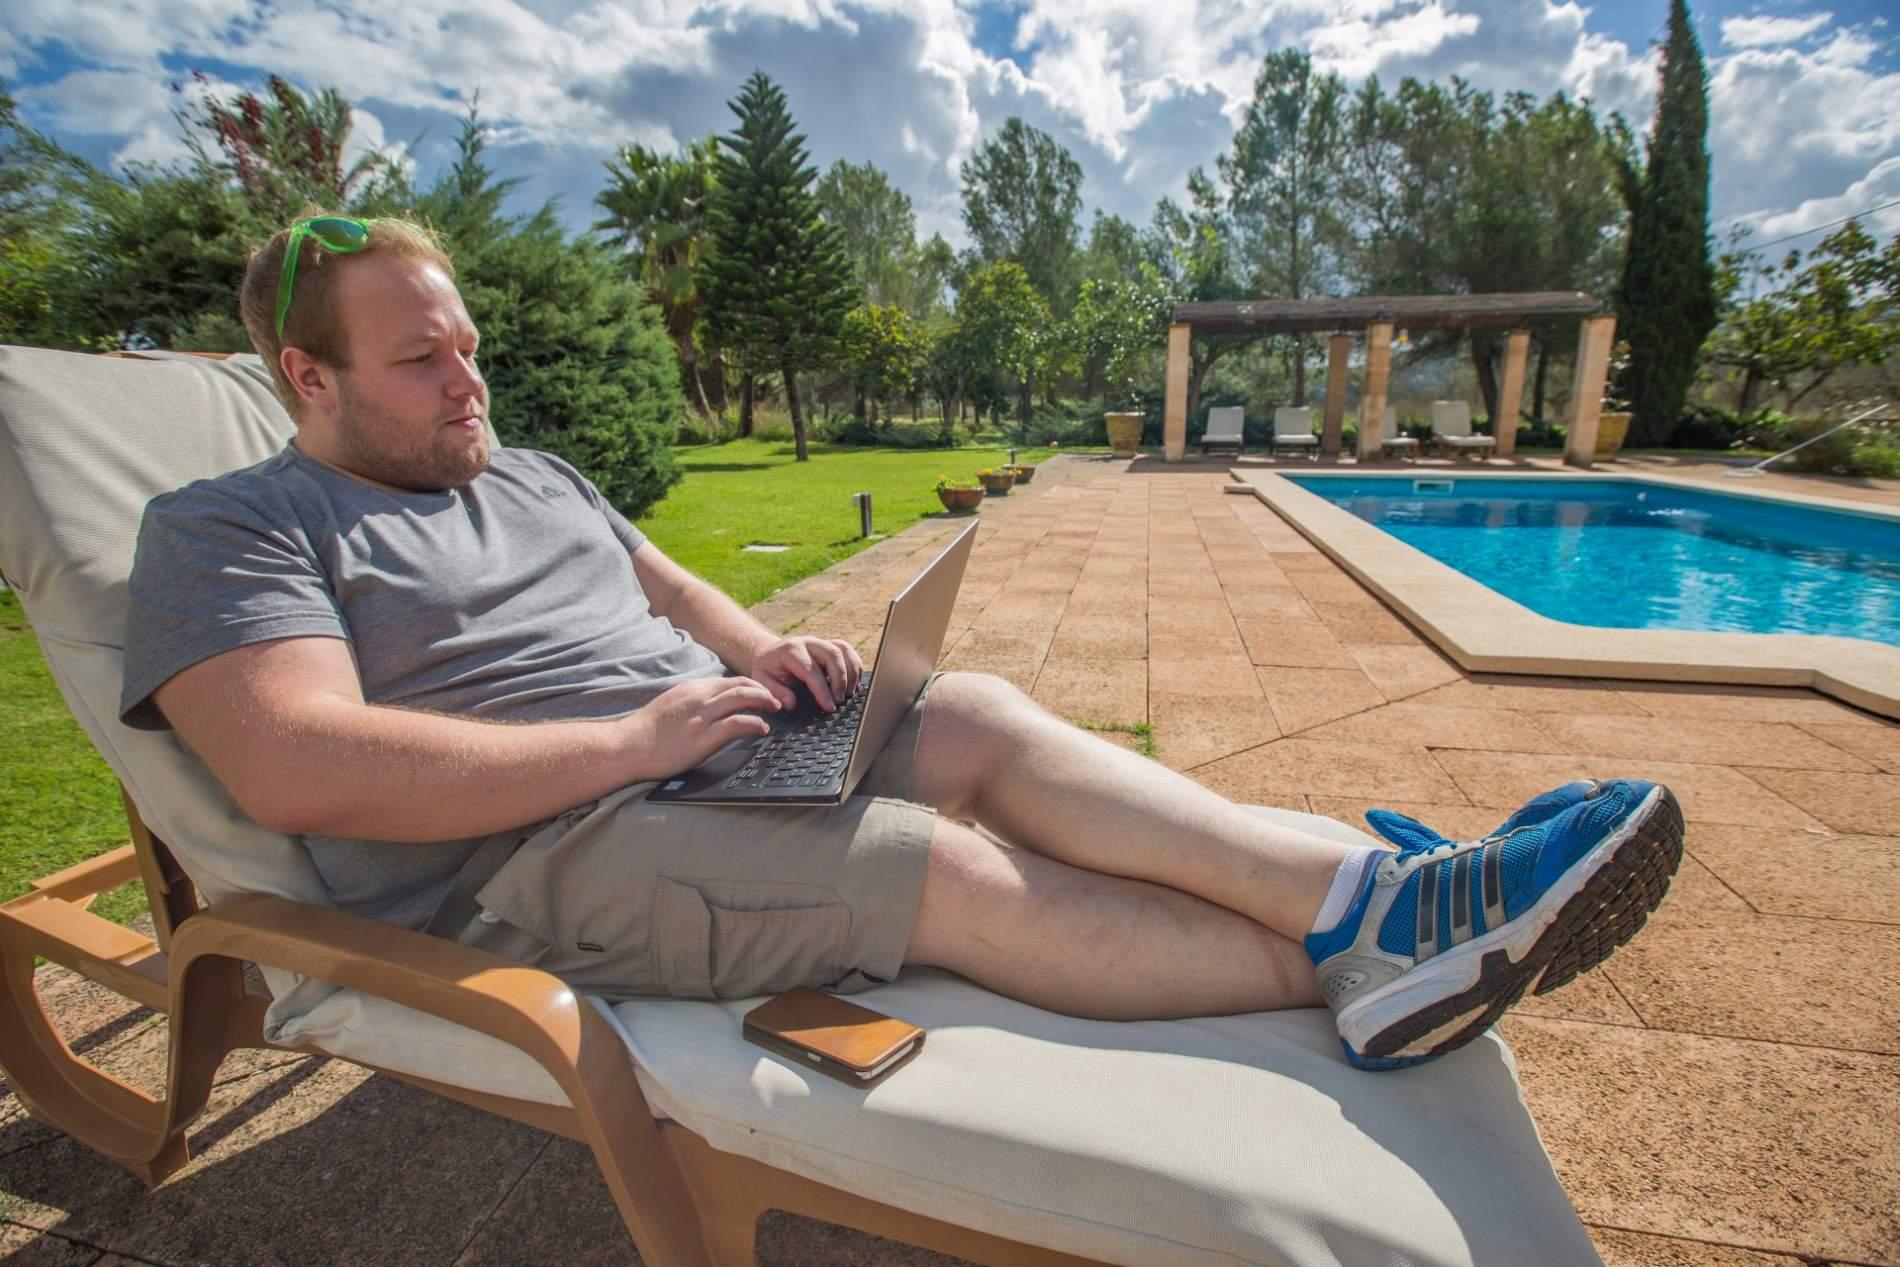 Jojo beim Arbeiten mit Laptop am Pool